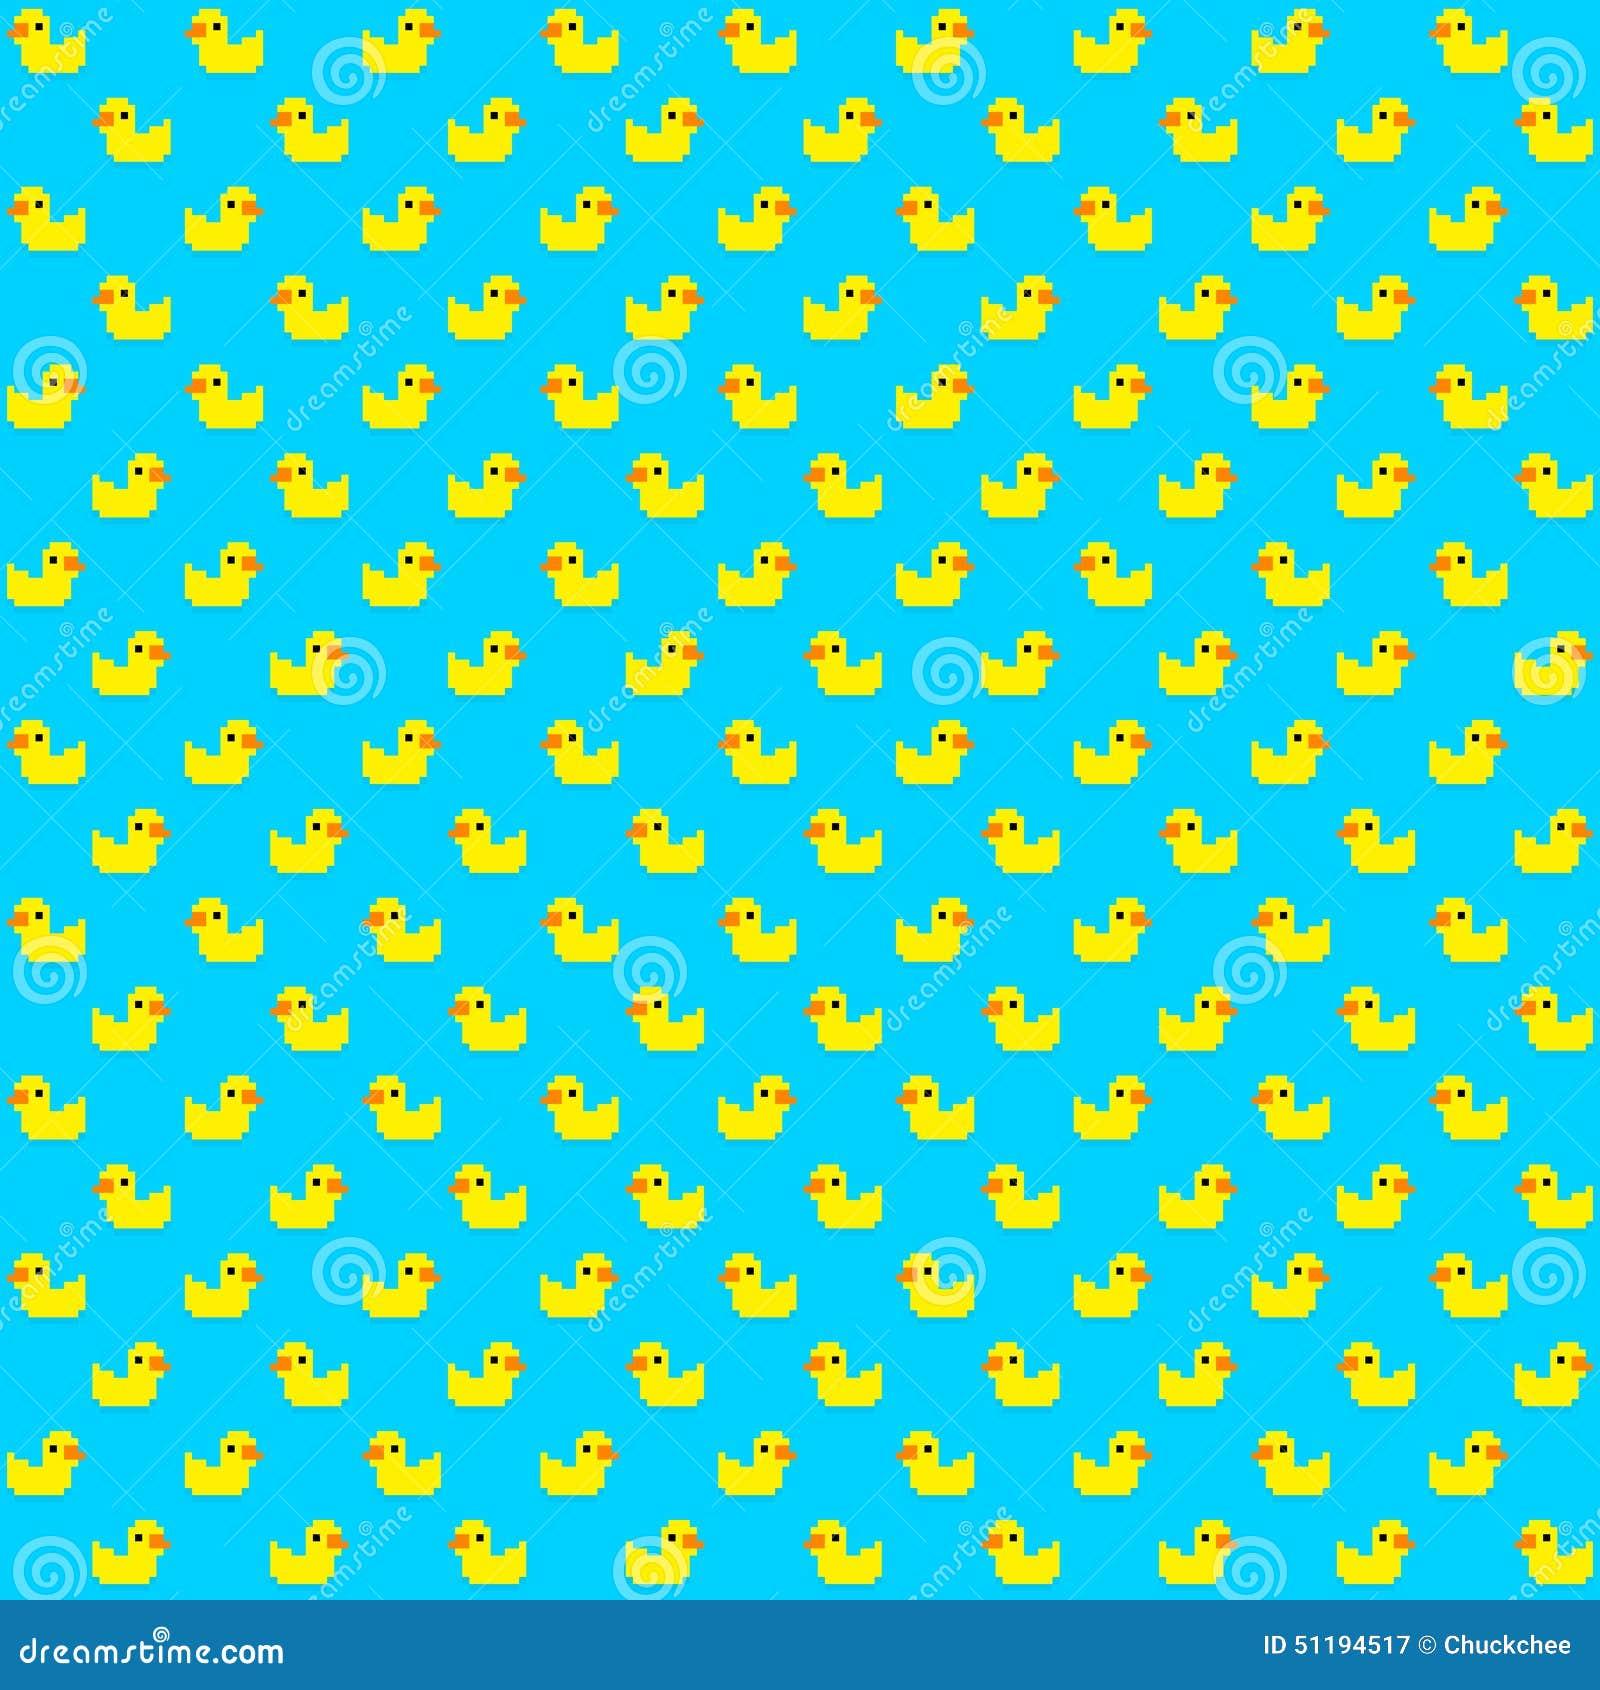 Pixel Duck Stock Vector